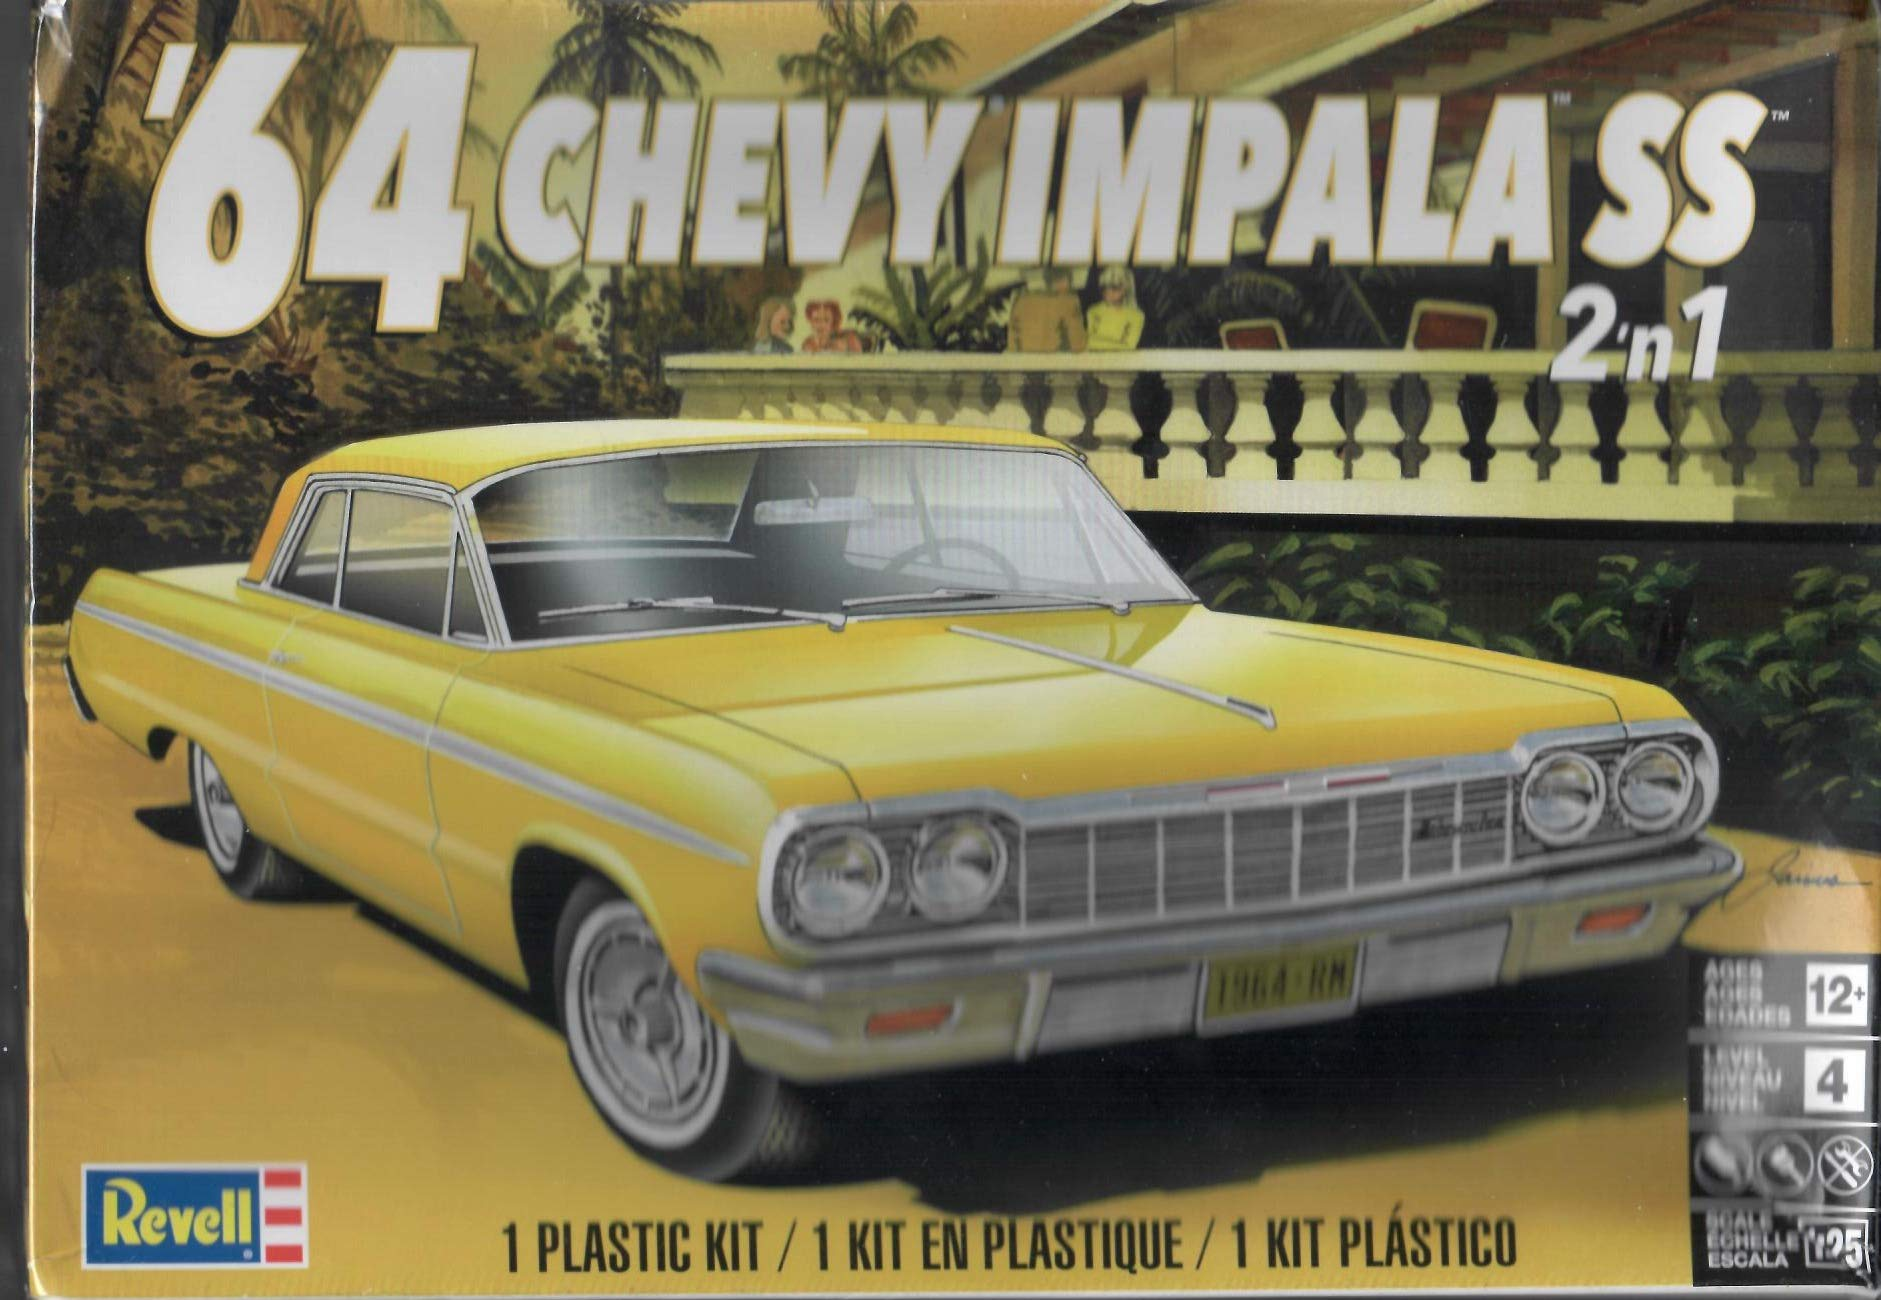 Kelebihan Impala 64 Tangguh